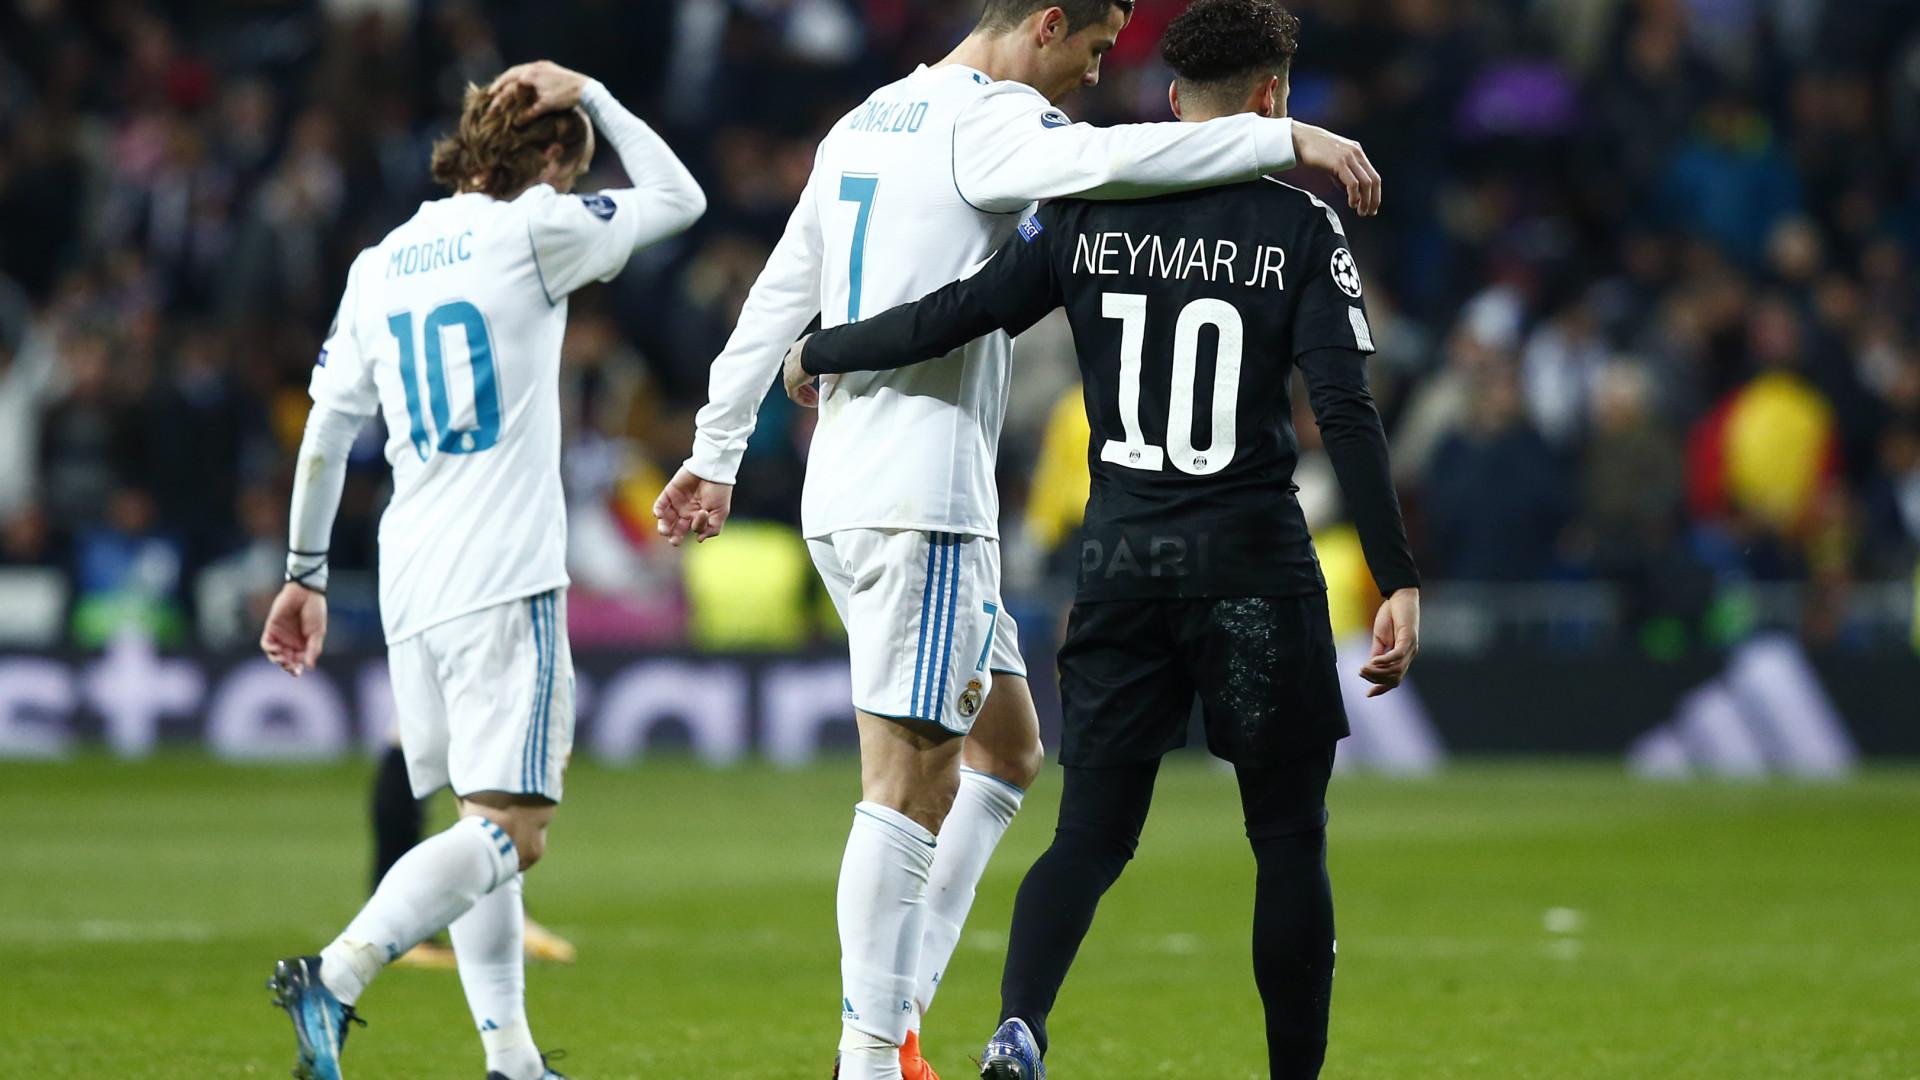 Ronaldo 'letal' mostrou quem 'manda' no Bernabéu